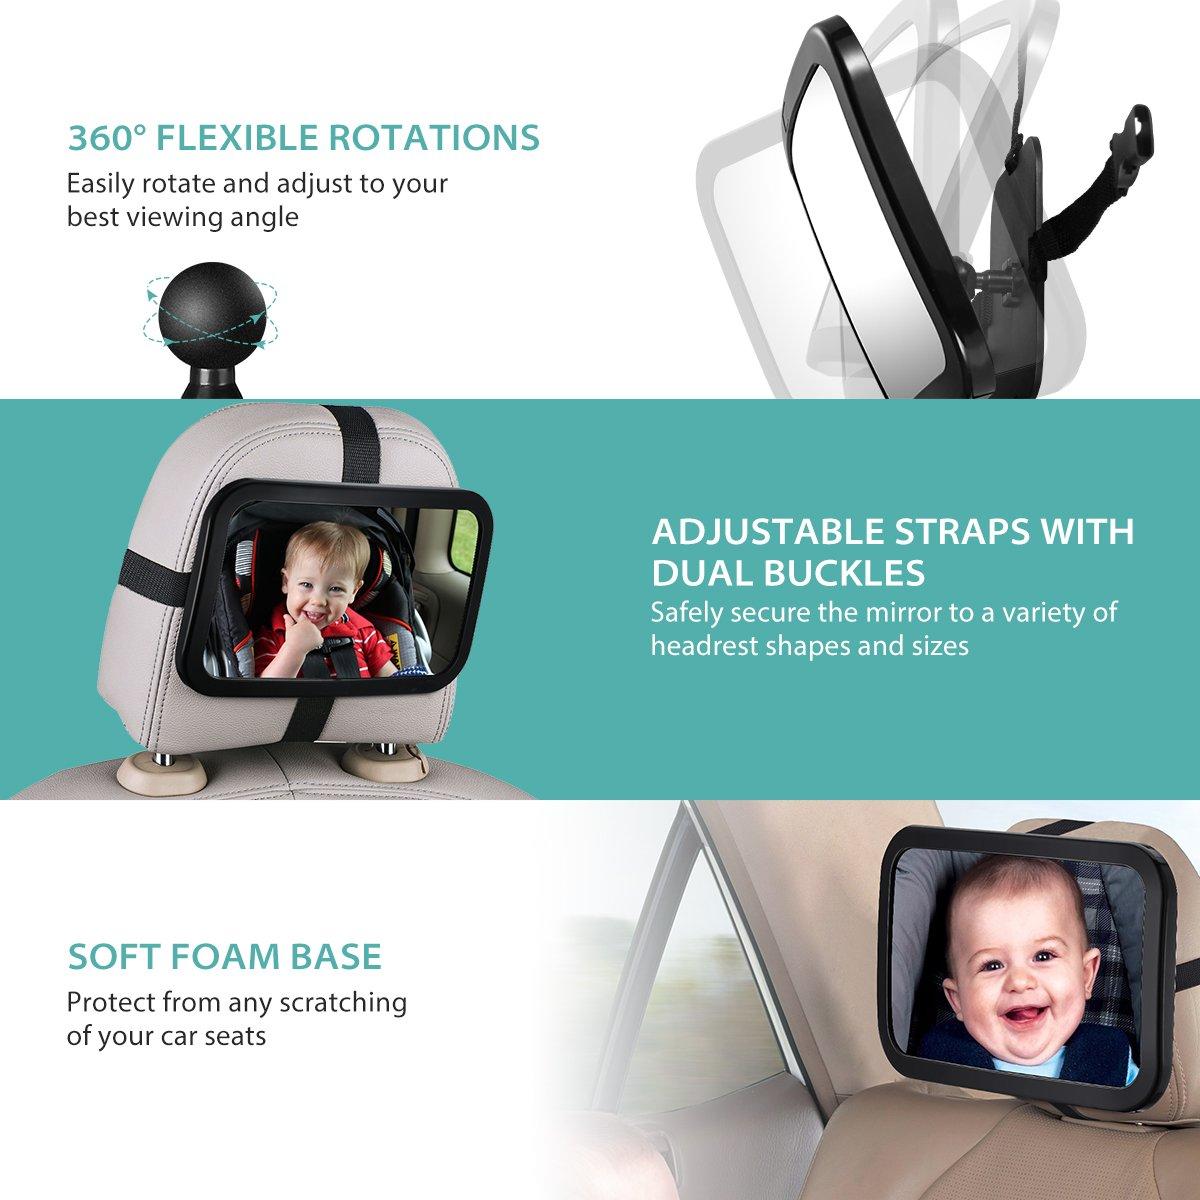 Espejo retrovisor para vigilar al bebe en el coche por solo 14,89€